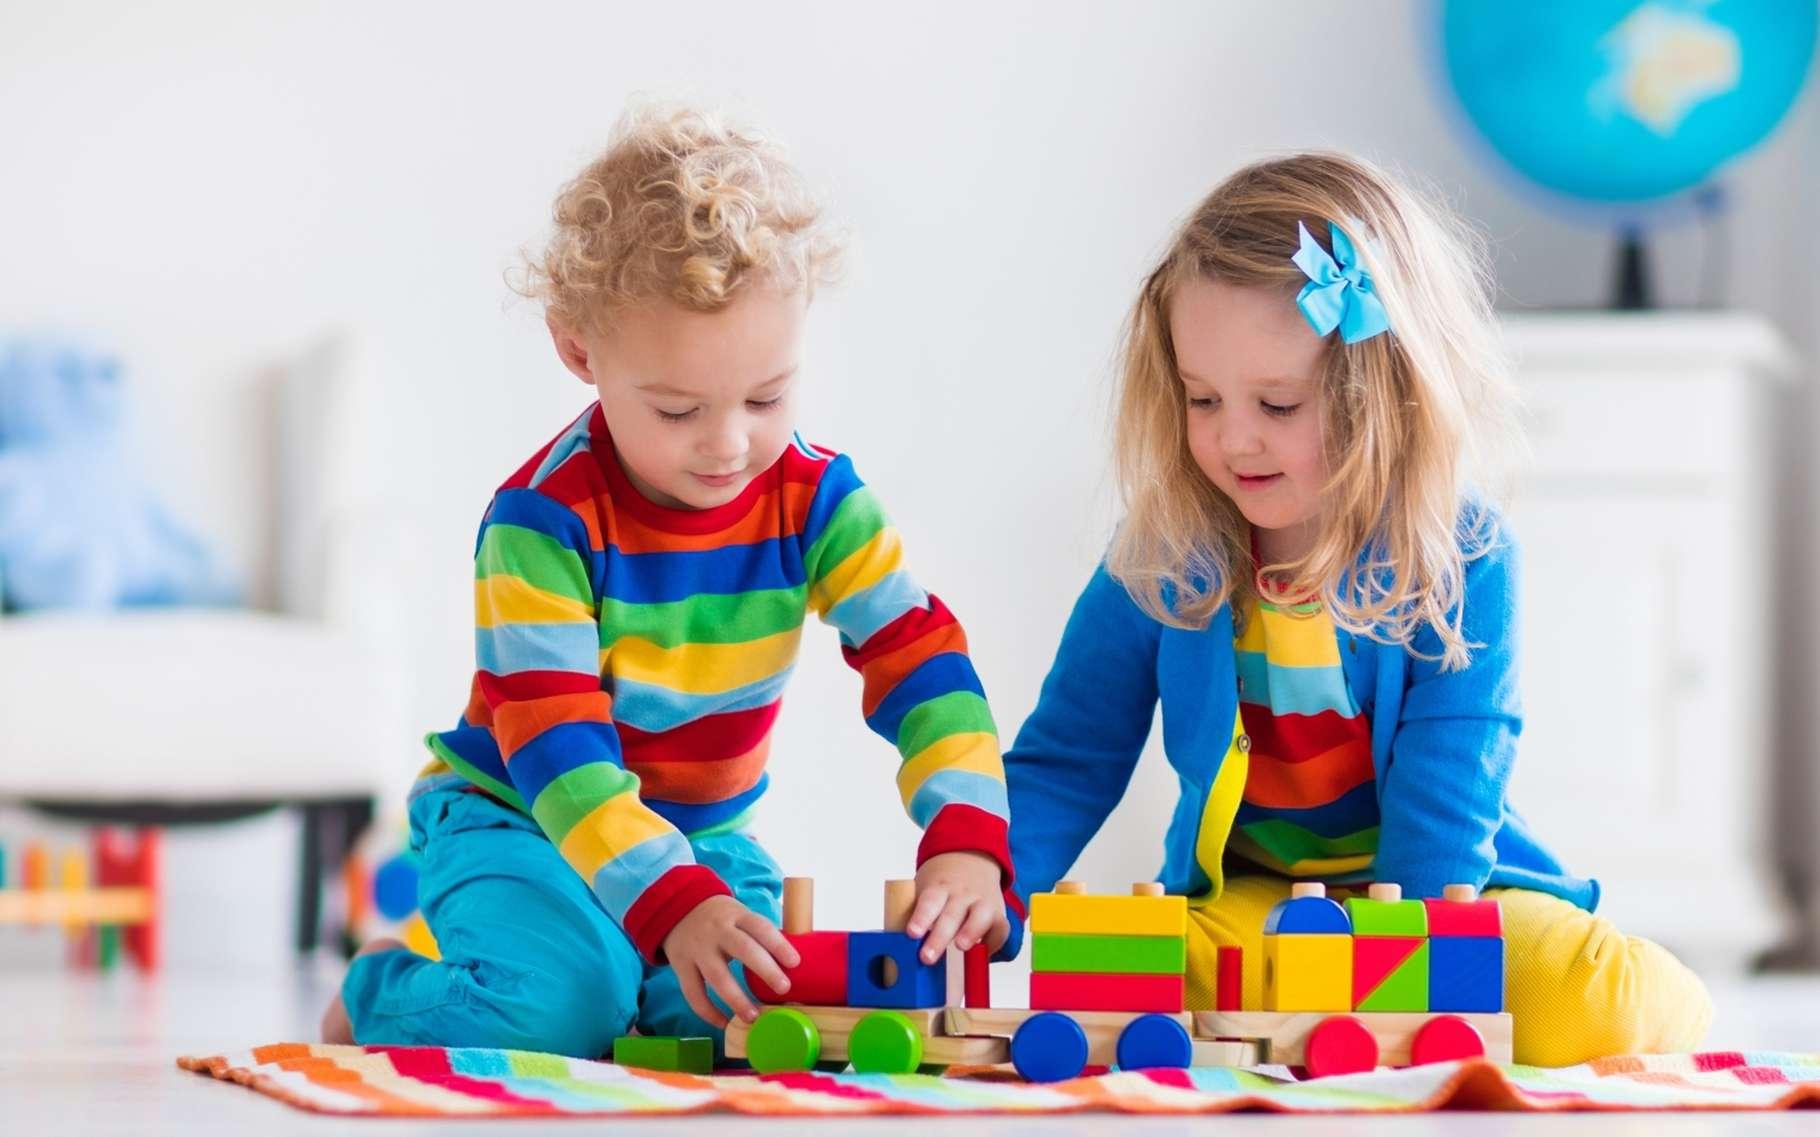 Des dizaines de substances chimiques sont présentes dans l'air et les poussières de l'intérieur des habitations. Plus près du sol, les enfants y sont particulièrement exposés. © FamVeld, Shutterstock.com